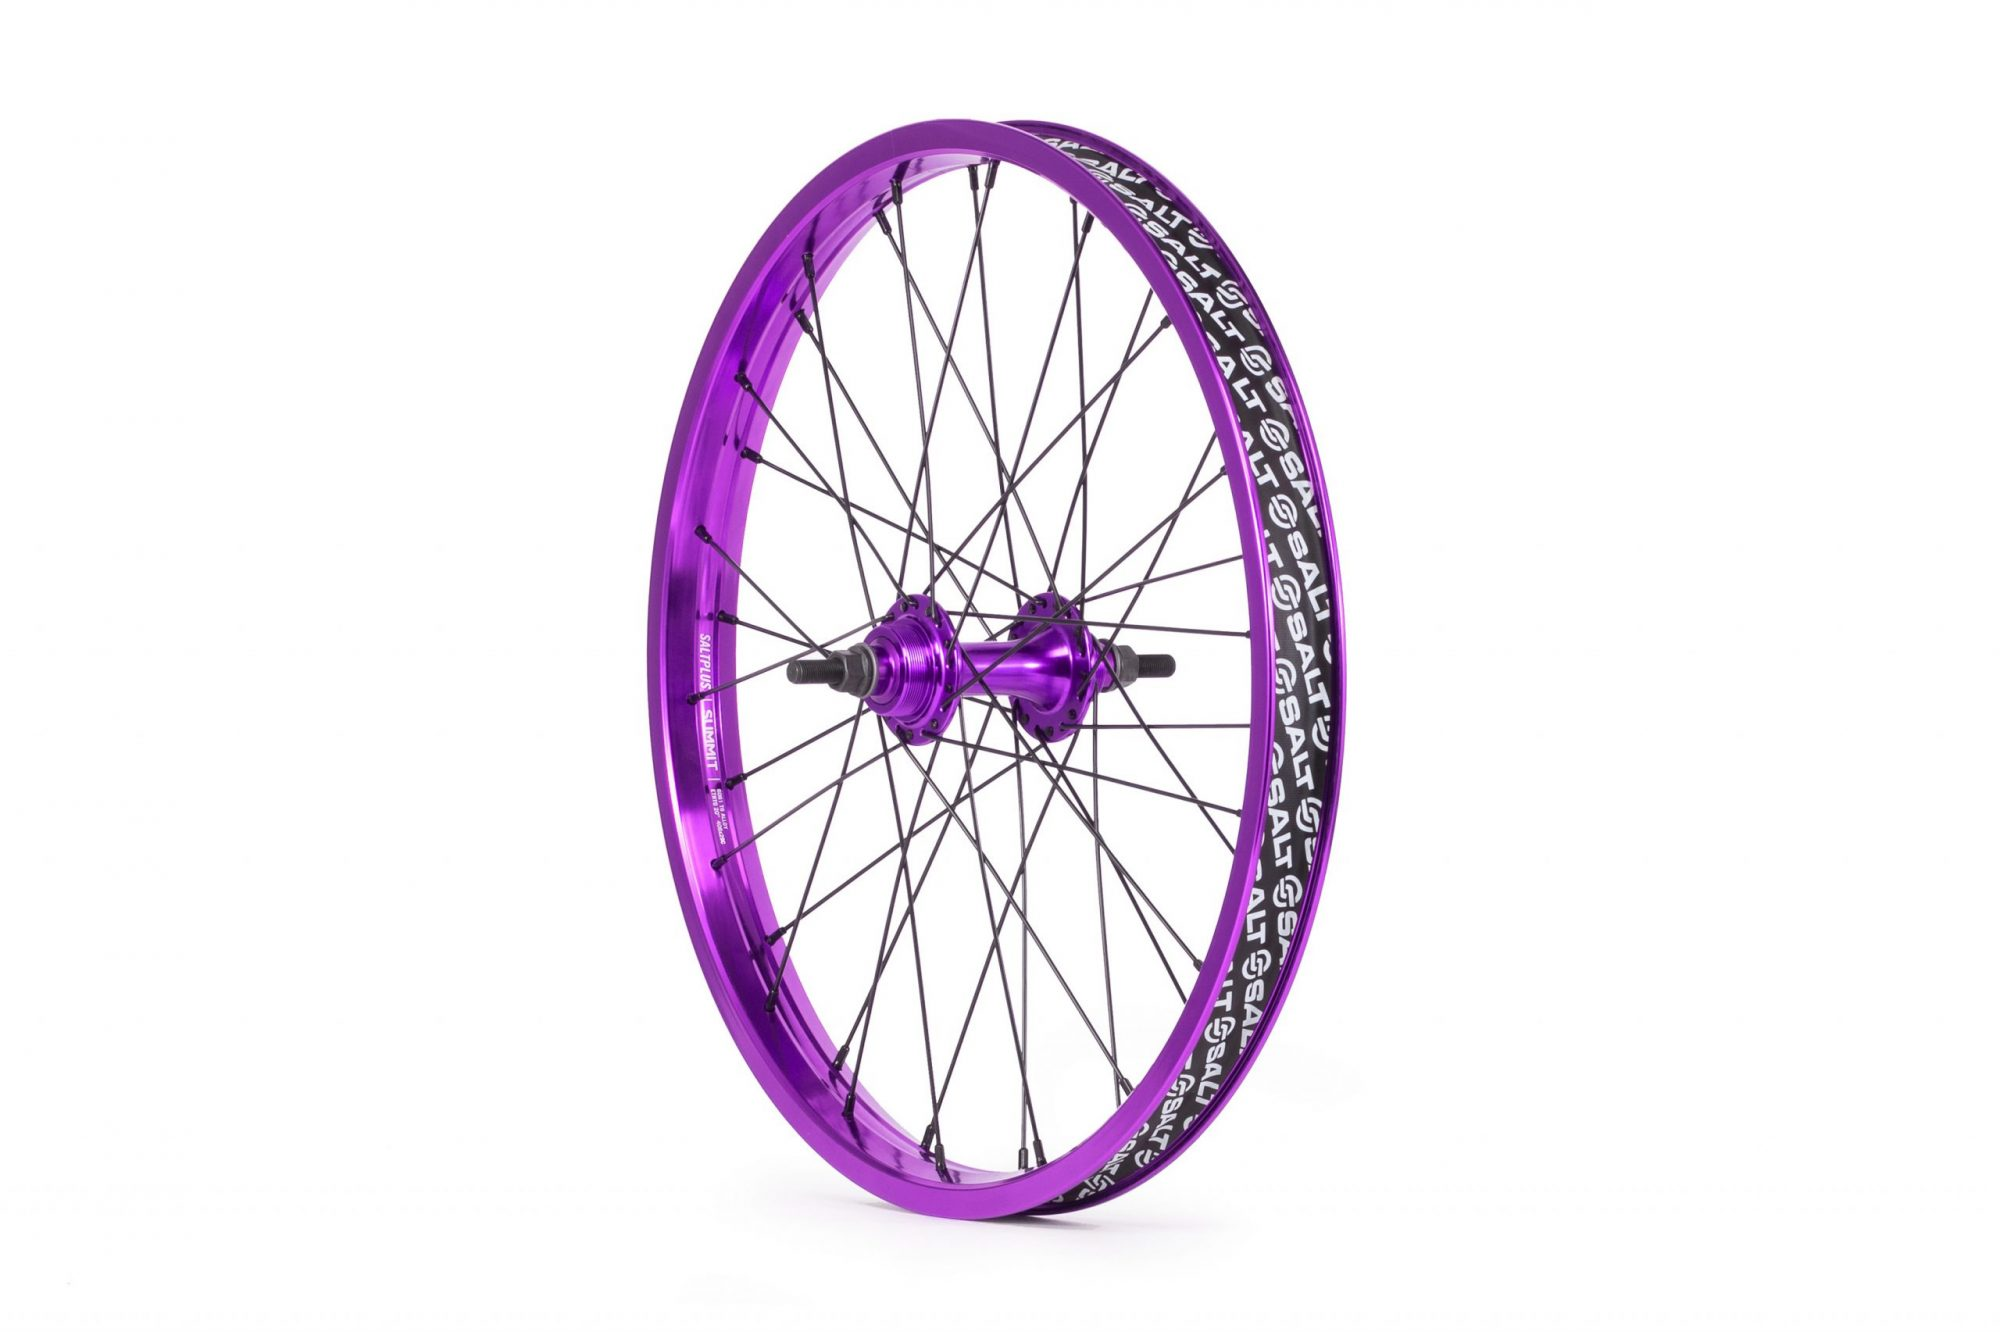 Salt_Everest_flipflop_rear_wheel_purple_02